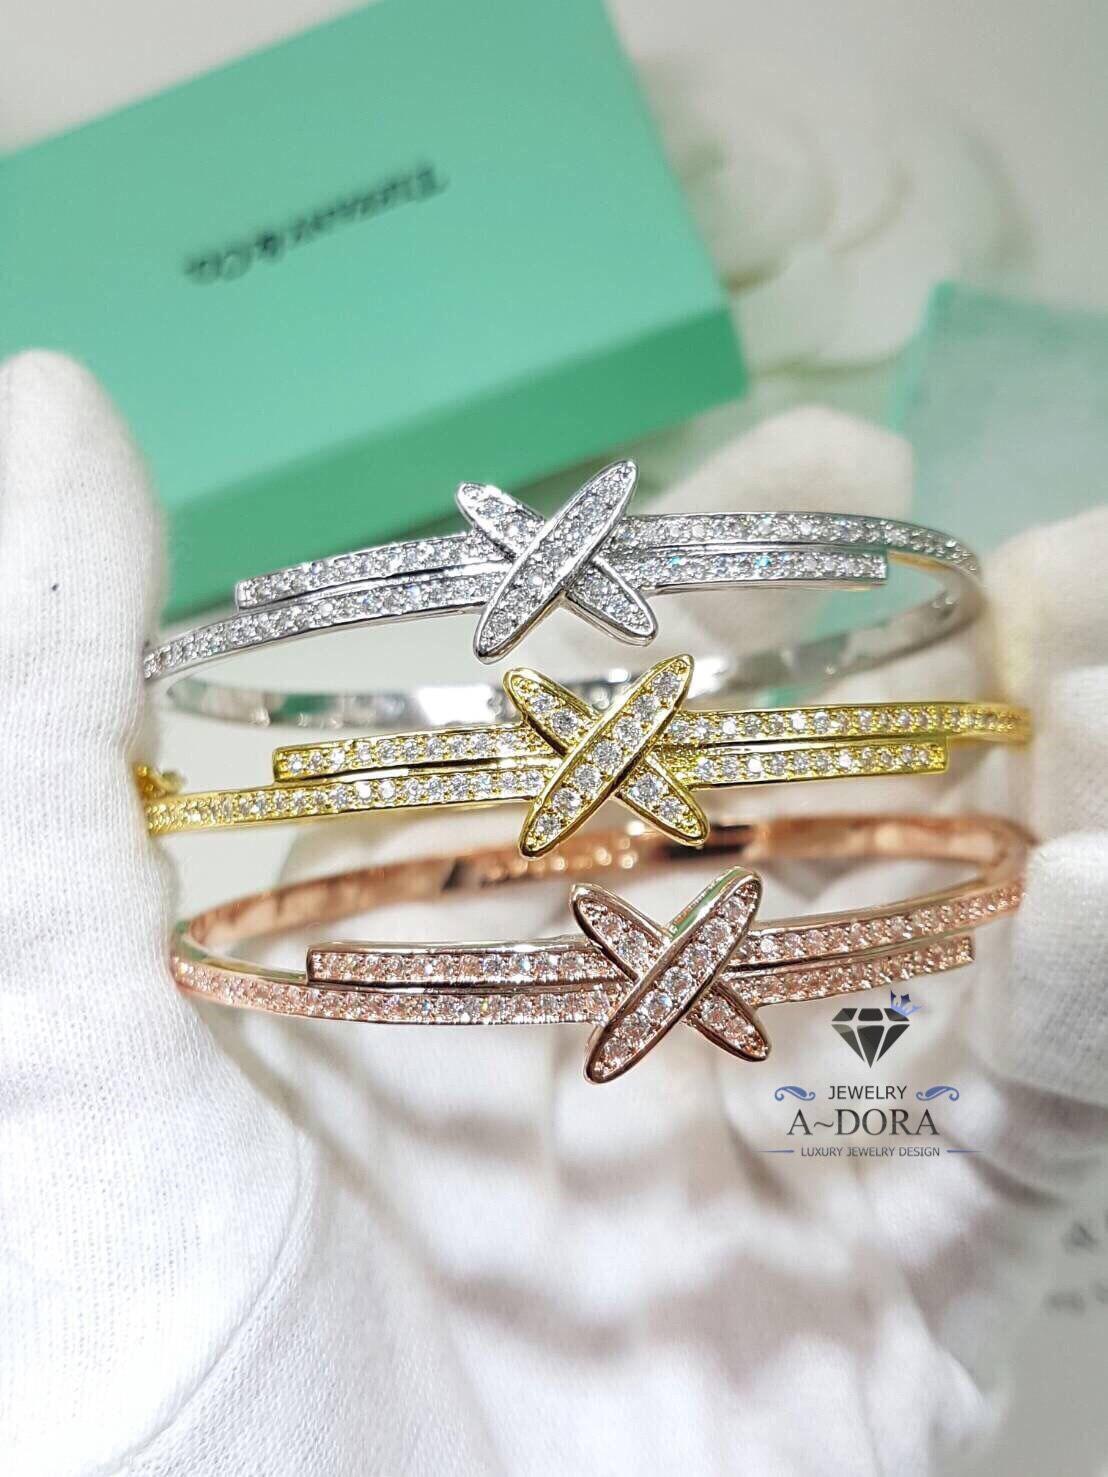 พร้อมส่ง ~ Diamond Bracelet กำไลเพชร CZ ฝังล้วน เกรดเพชร 8A งามสุดๆ